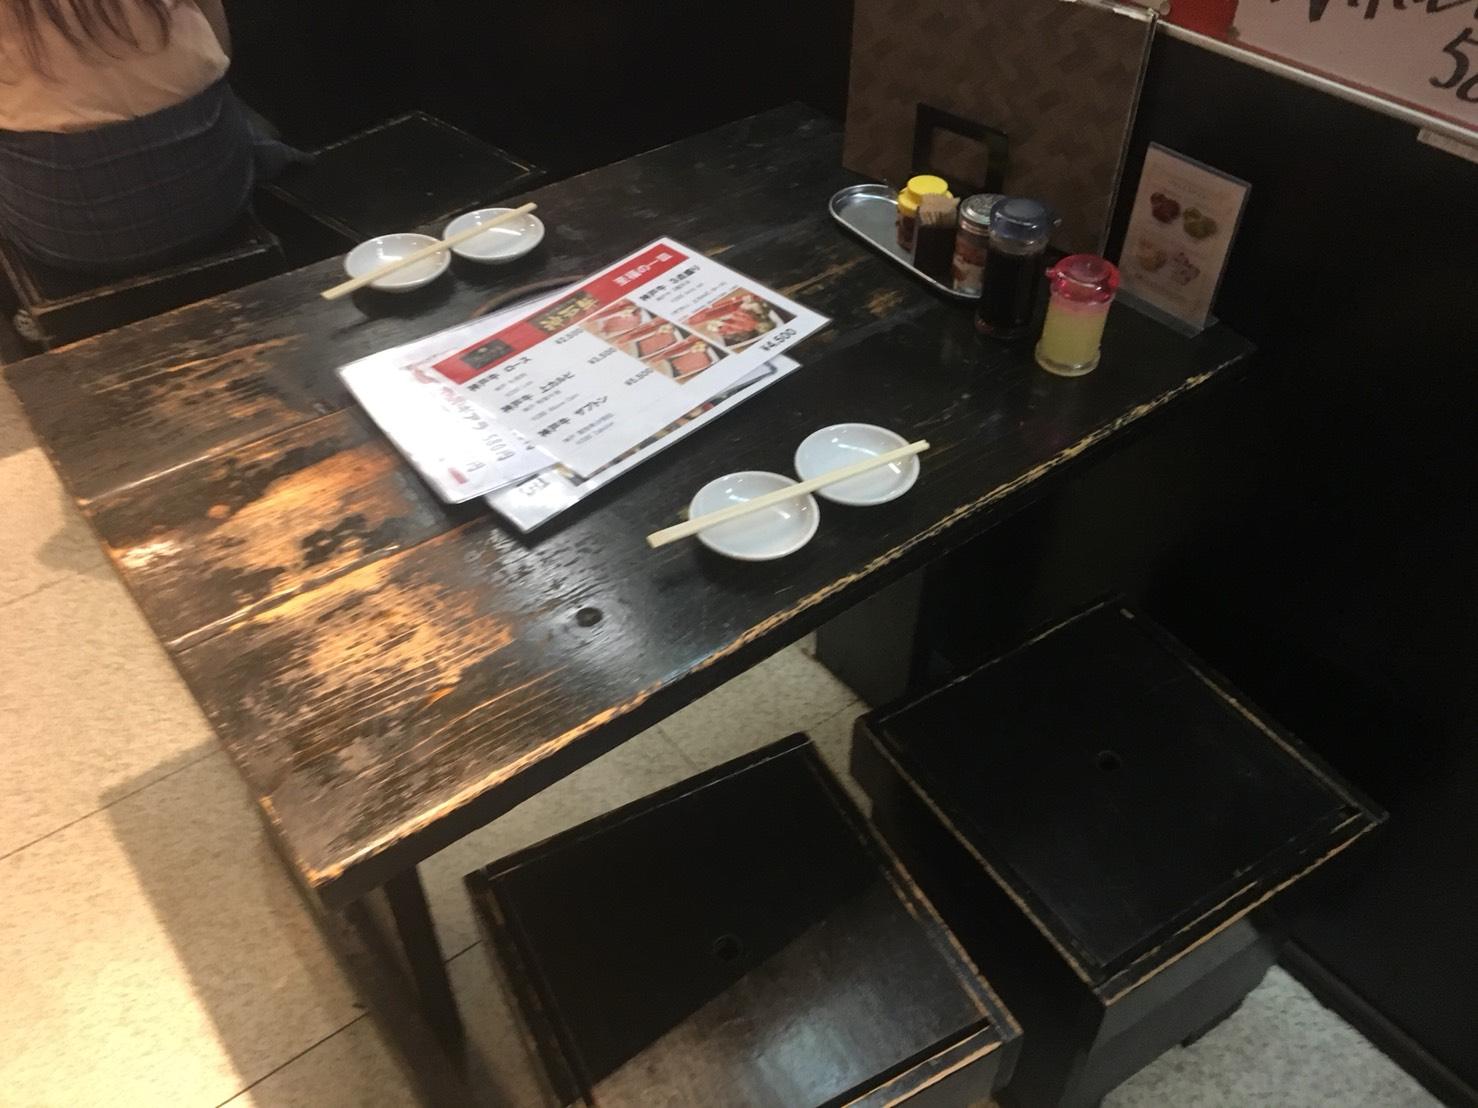 【池袋駅】夏!ホルモン食おうぜ作戦決行「ホルモン焼肉 縁 池袋店」のテーブル